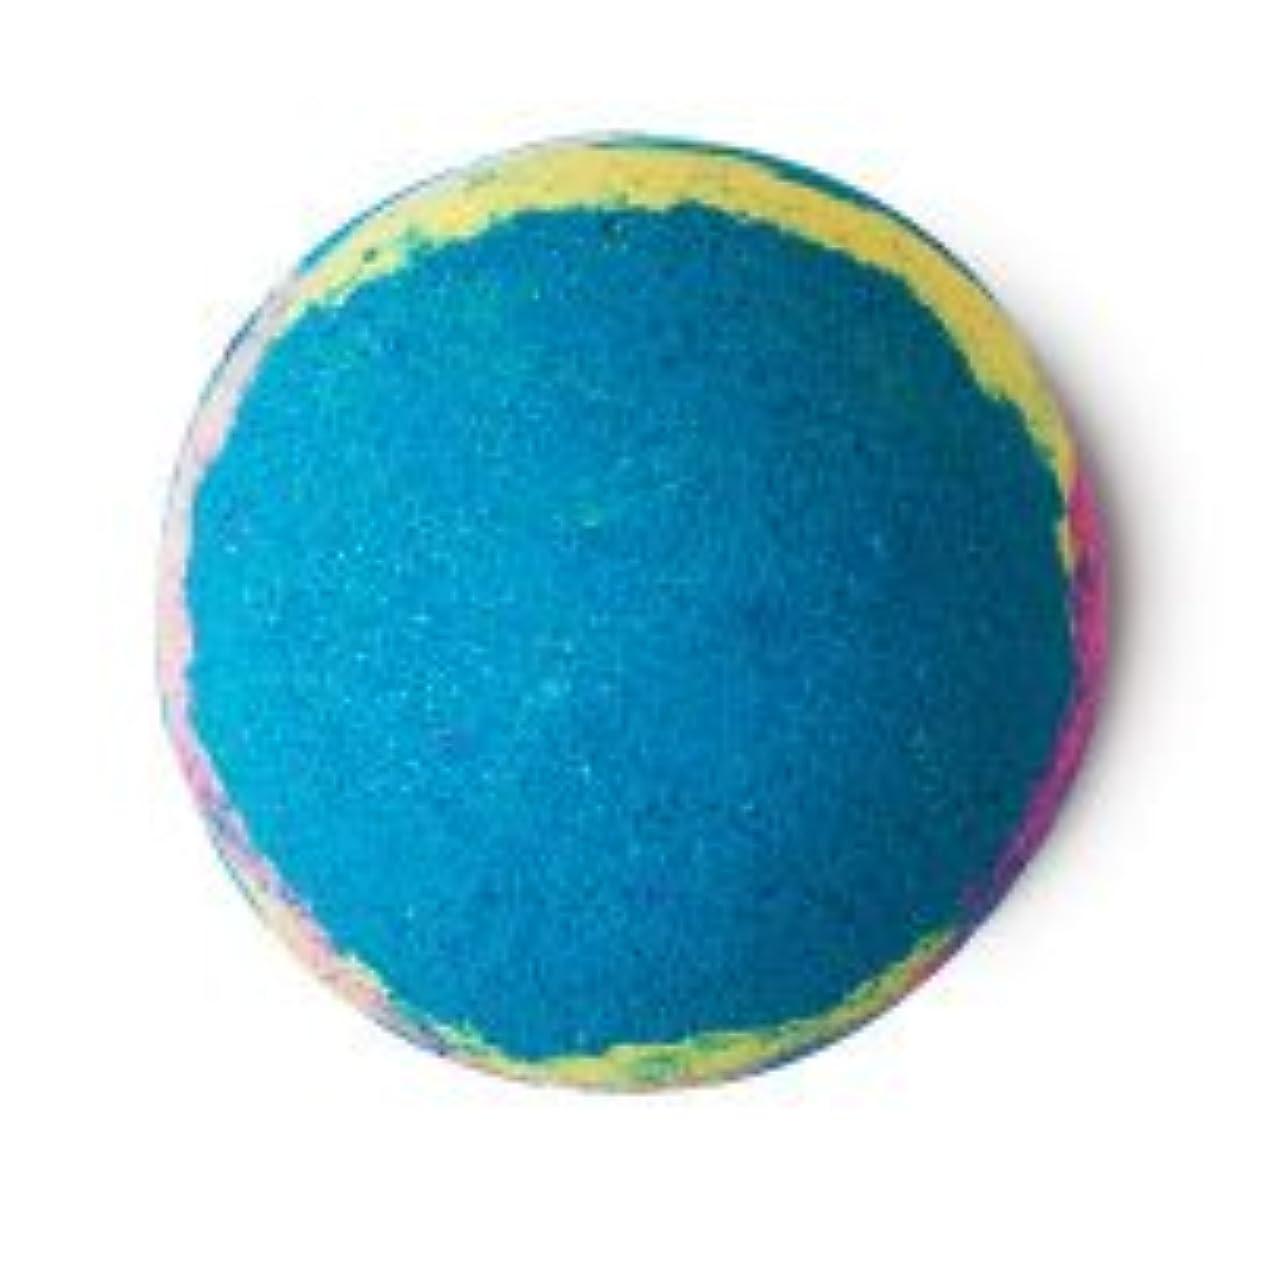 確立ありふれたそうでなければLUSH ラッシュ インターギャラクティック 200g バスボム 浴用 ペパーミント 入浴剤 マンダリン 自然派化粧品 天然成分 Intergalactic 入浴剤 ギフト